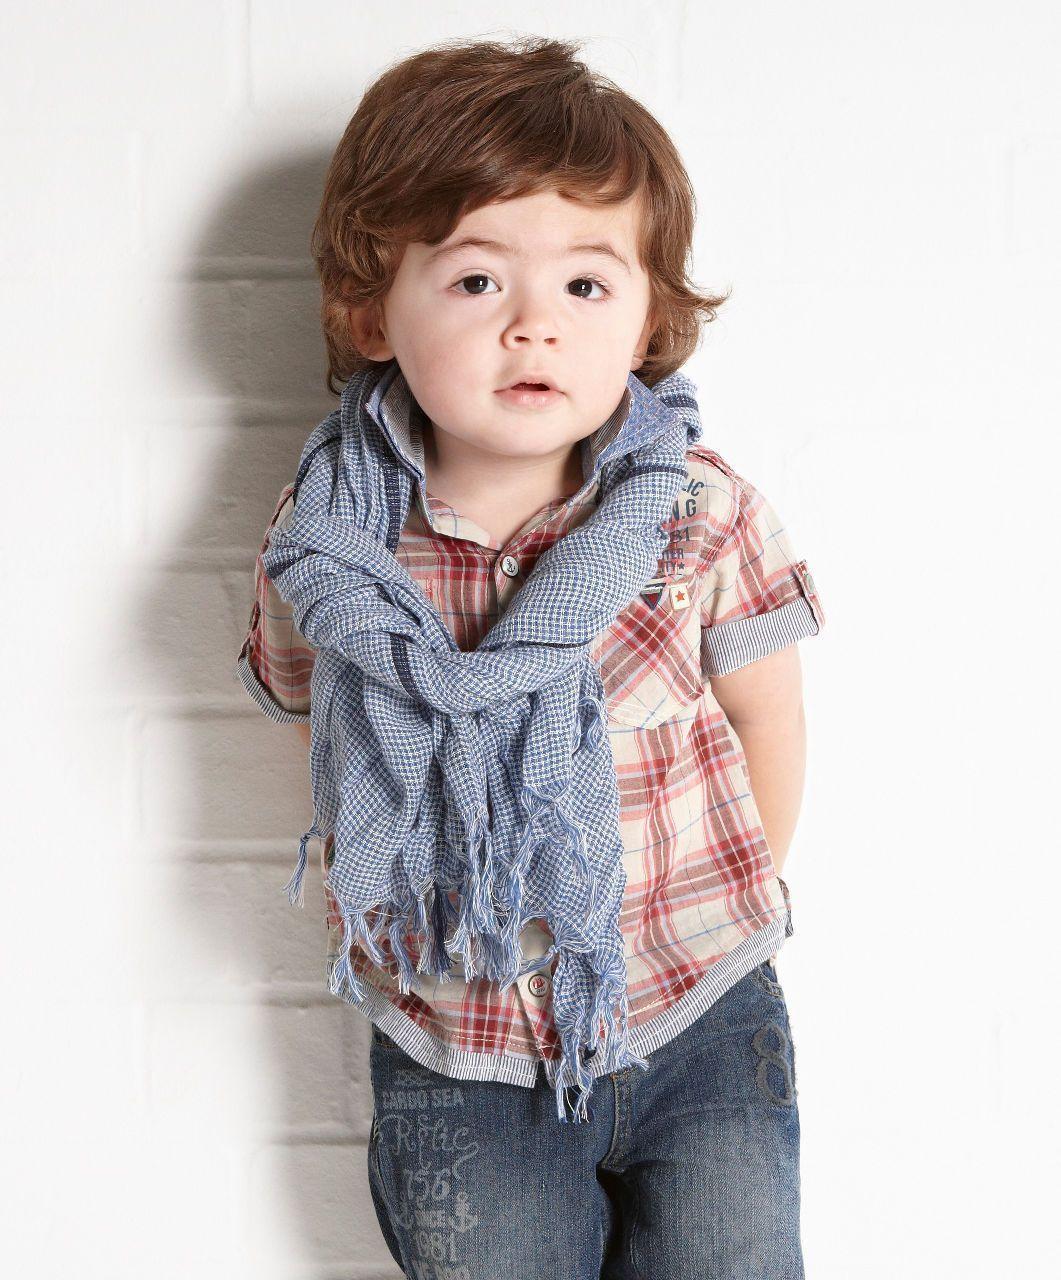 Stylish Child Boy Images Hd Download : stylish, child, images, download, Stylish, Child, Wallpapers, Wallpaper